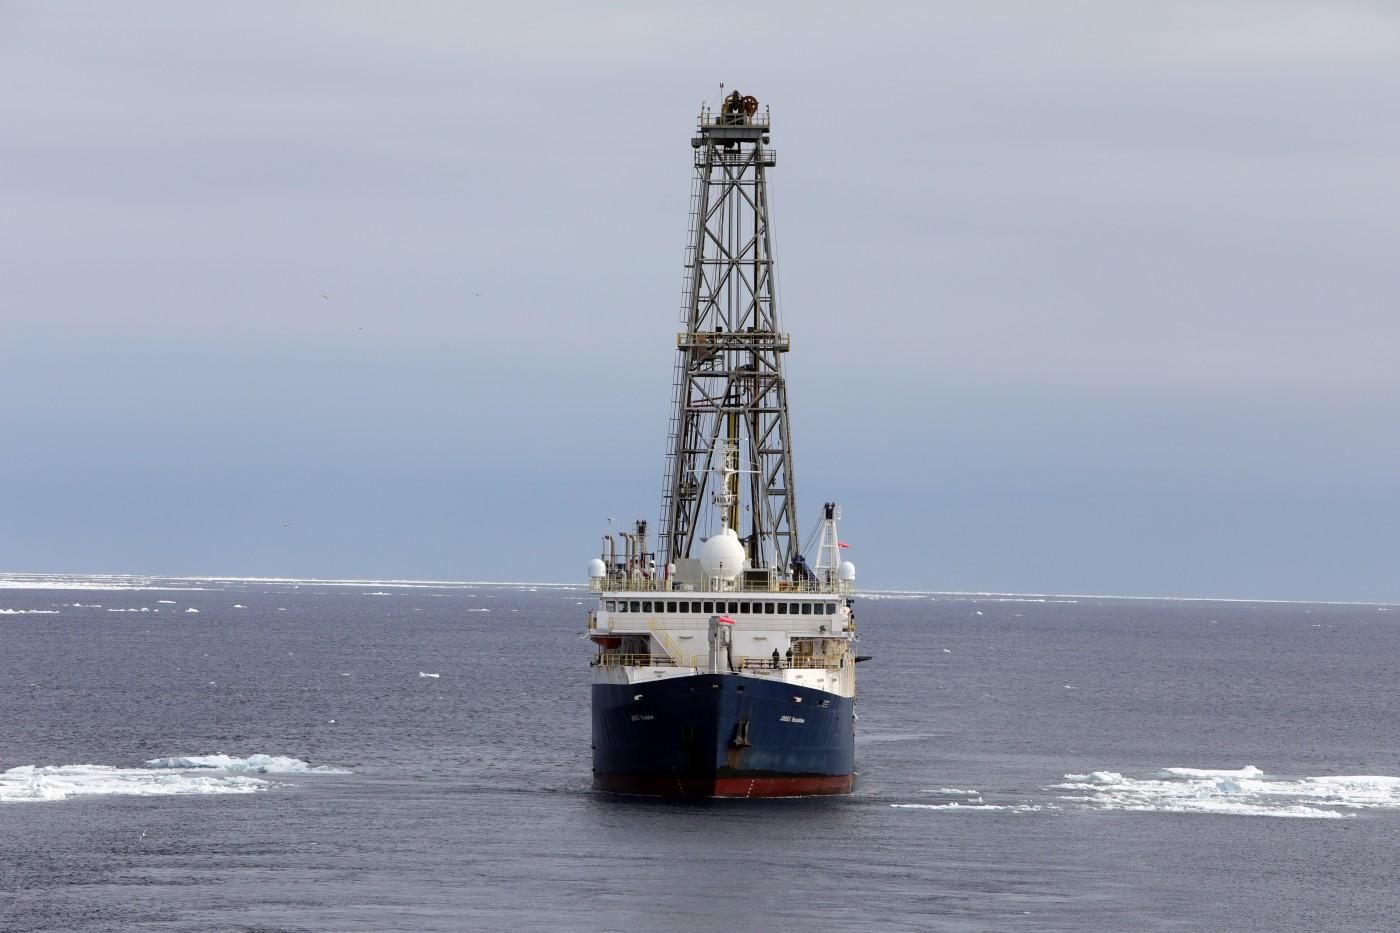 La nave Joides Resolution fotografata durante l'esplorazione dallo studioso Rob Dunbar